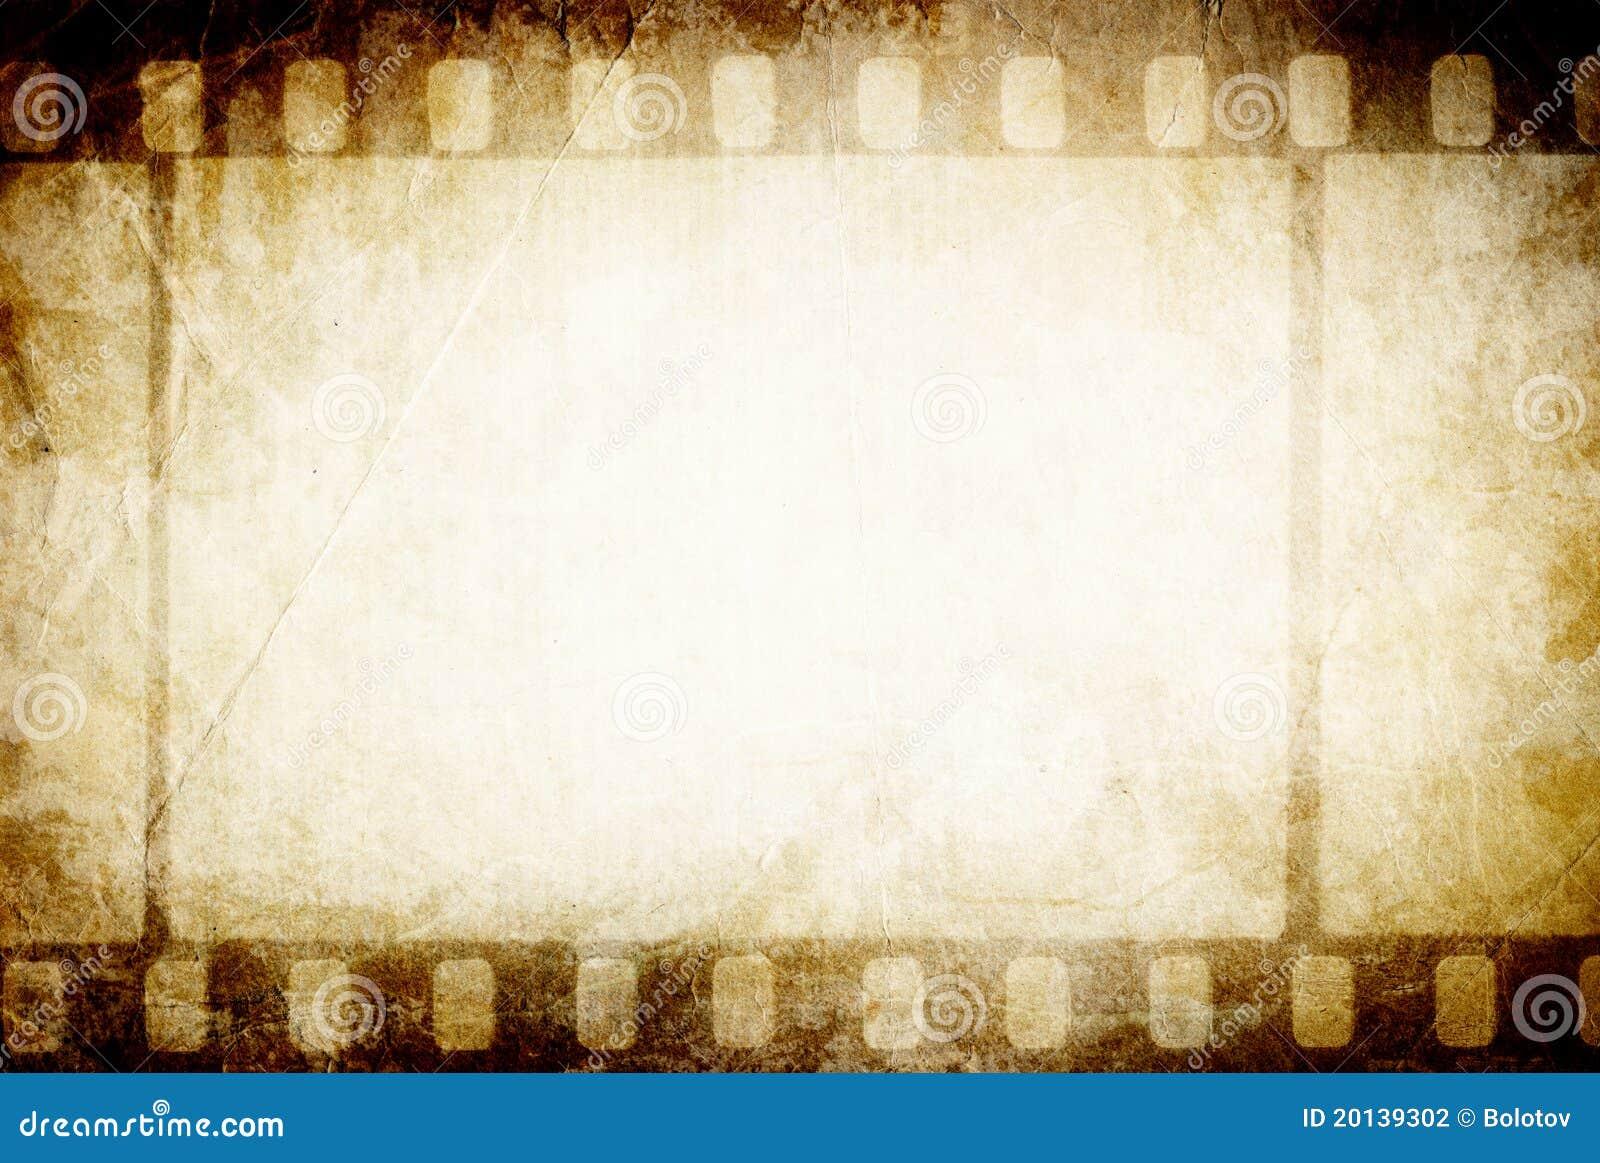 Filmstrip stary